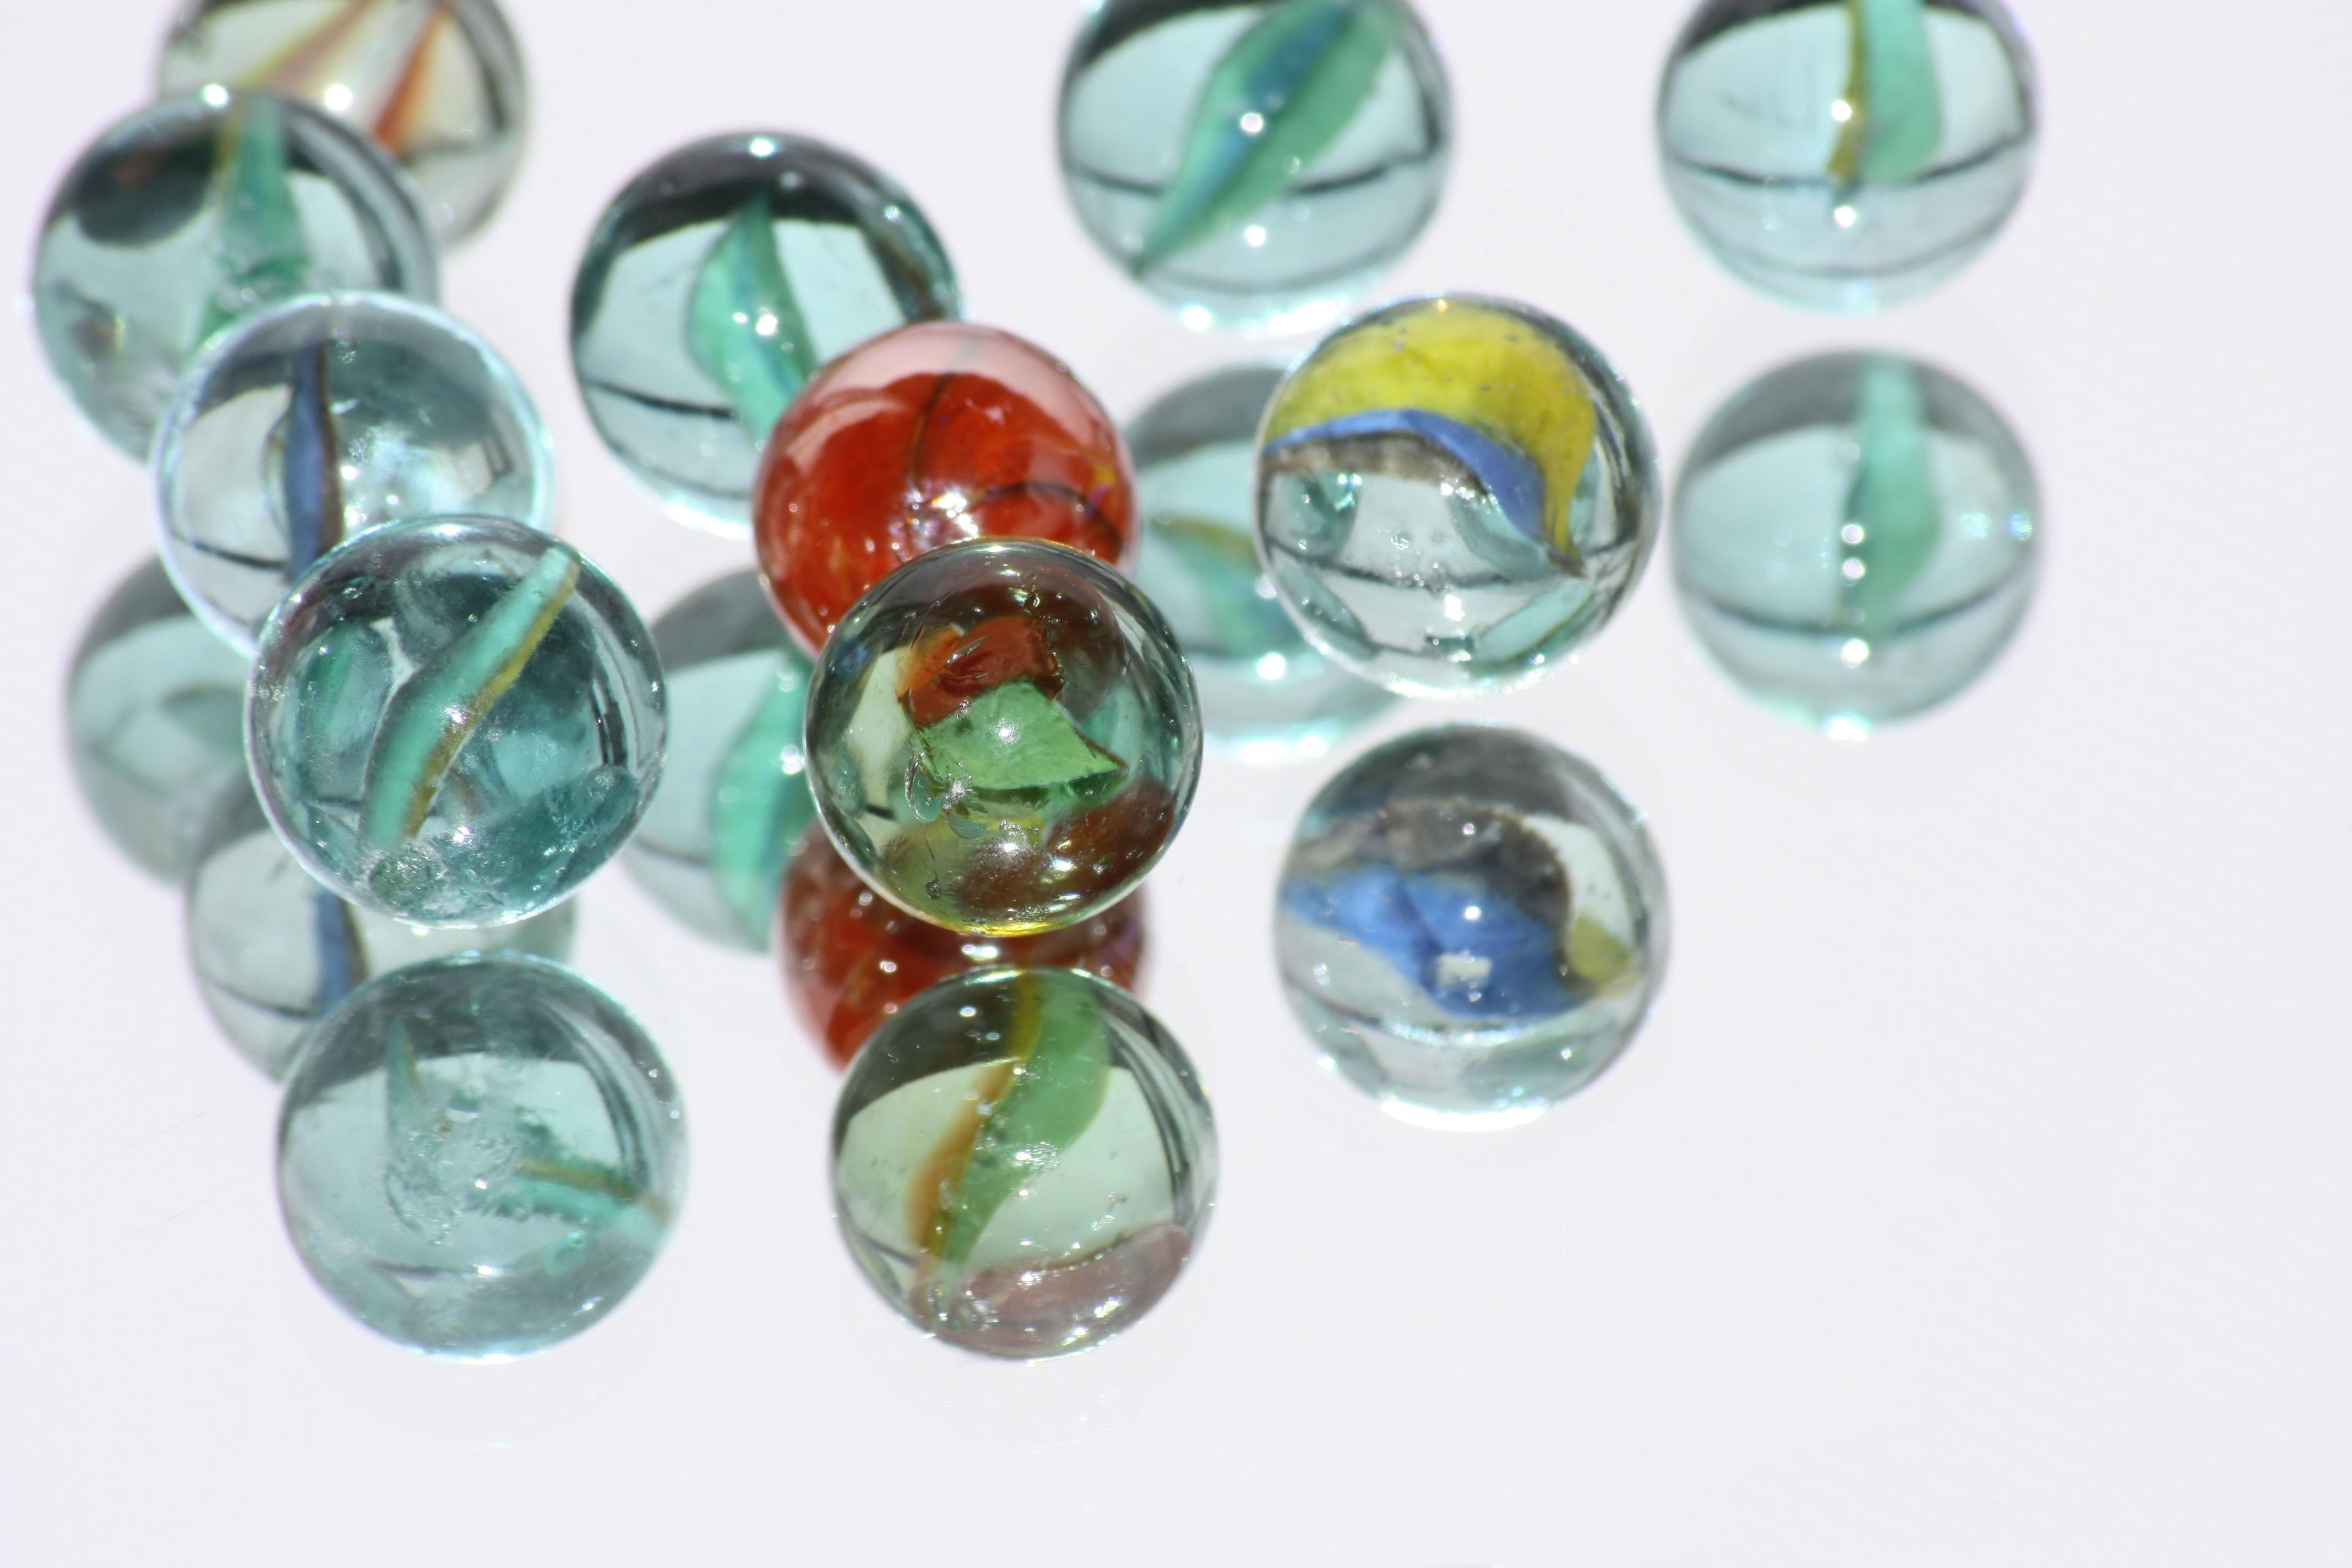 jugar vaso color nio vistoso taln juguete material producto joyera art juguetes rodar mrmoles mrmol cristal